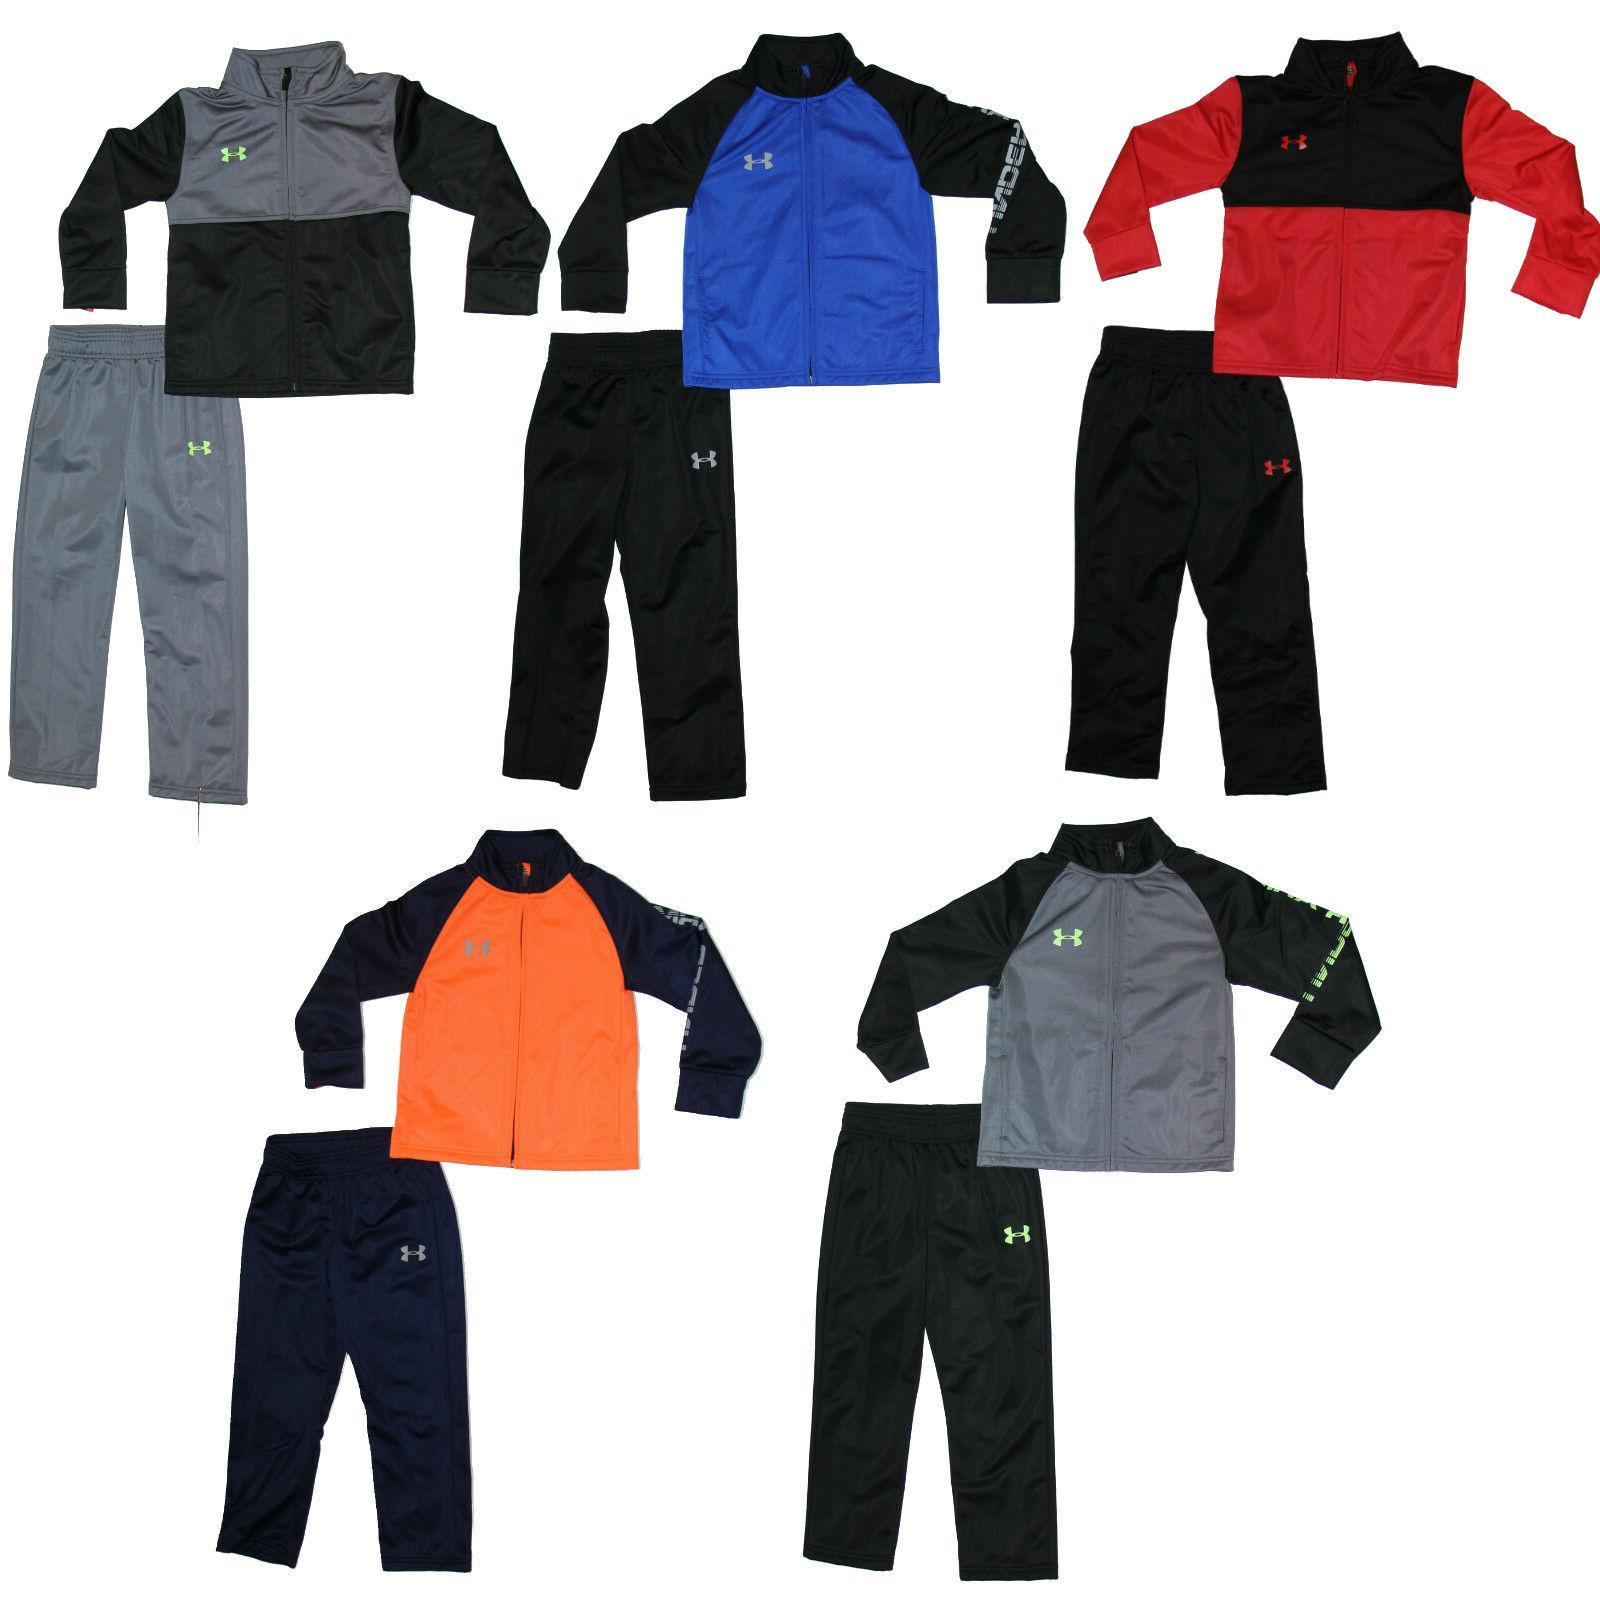 Under Armour Boys Track Suit - Jacket & Pants - 2 Piece Set